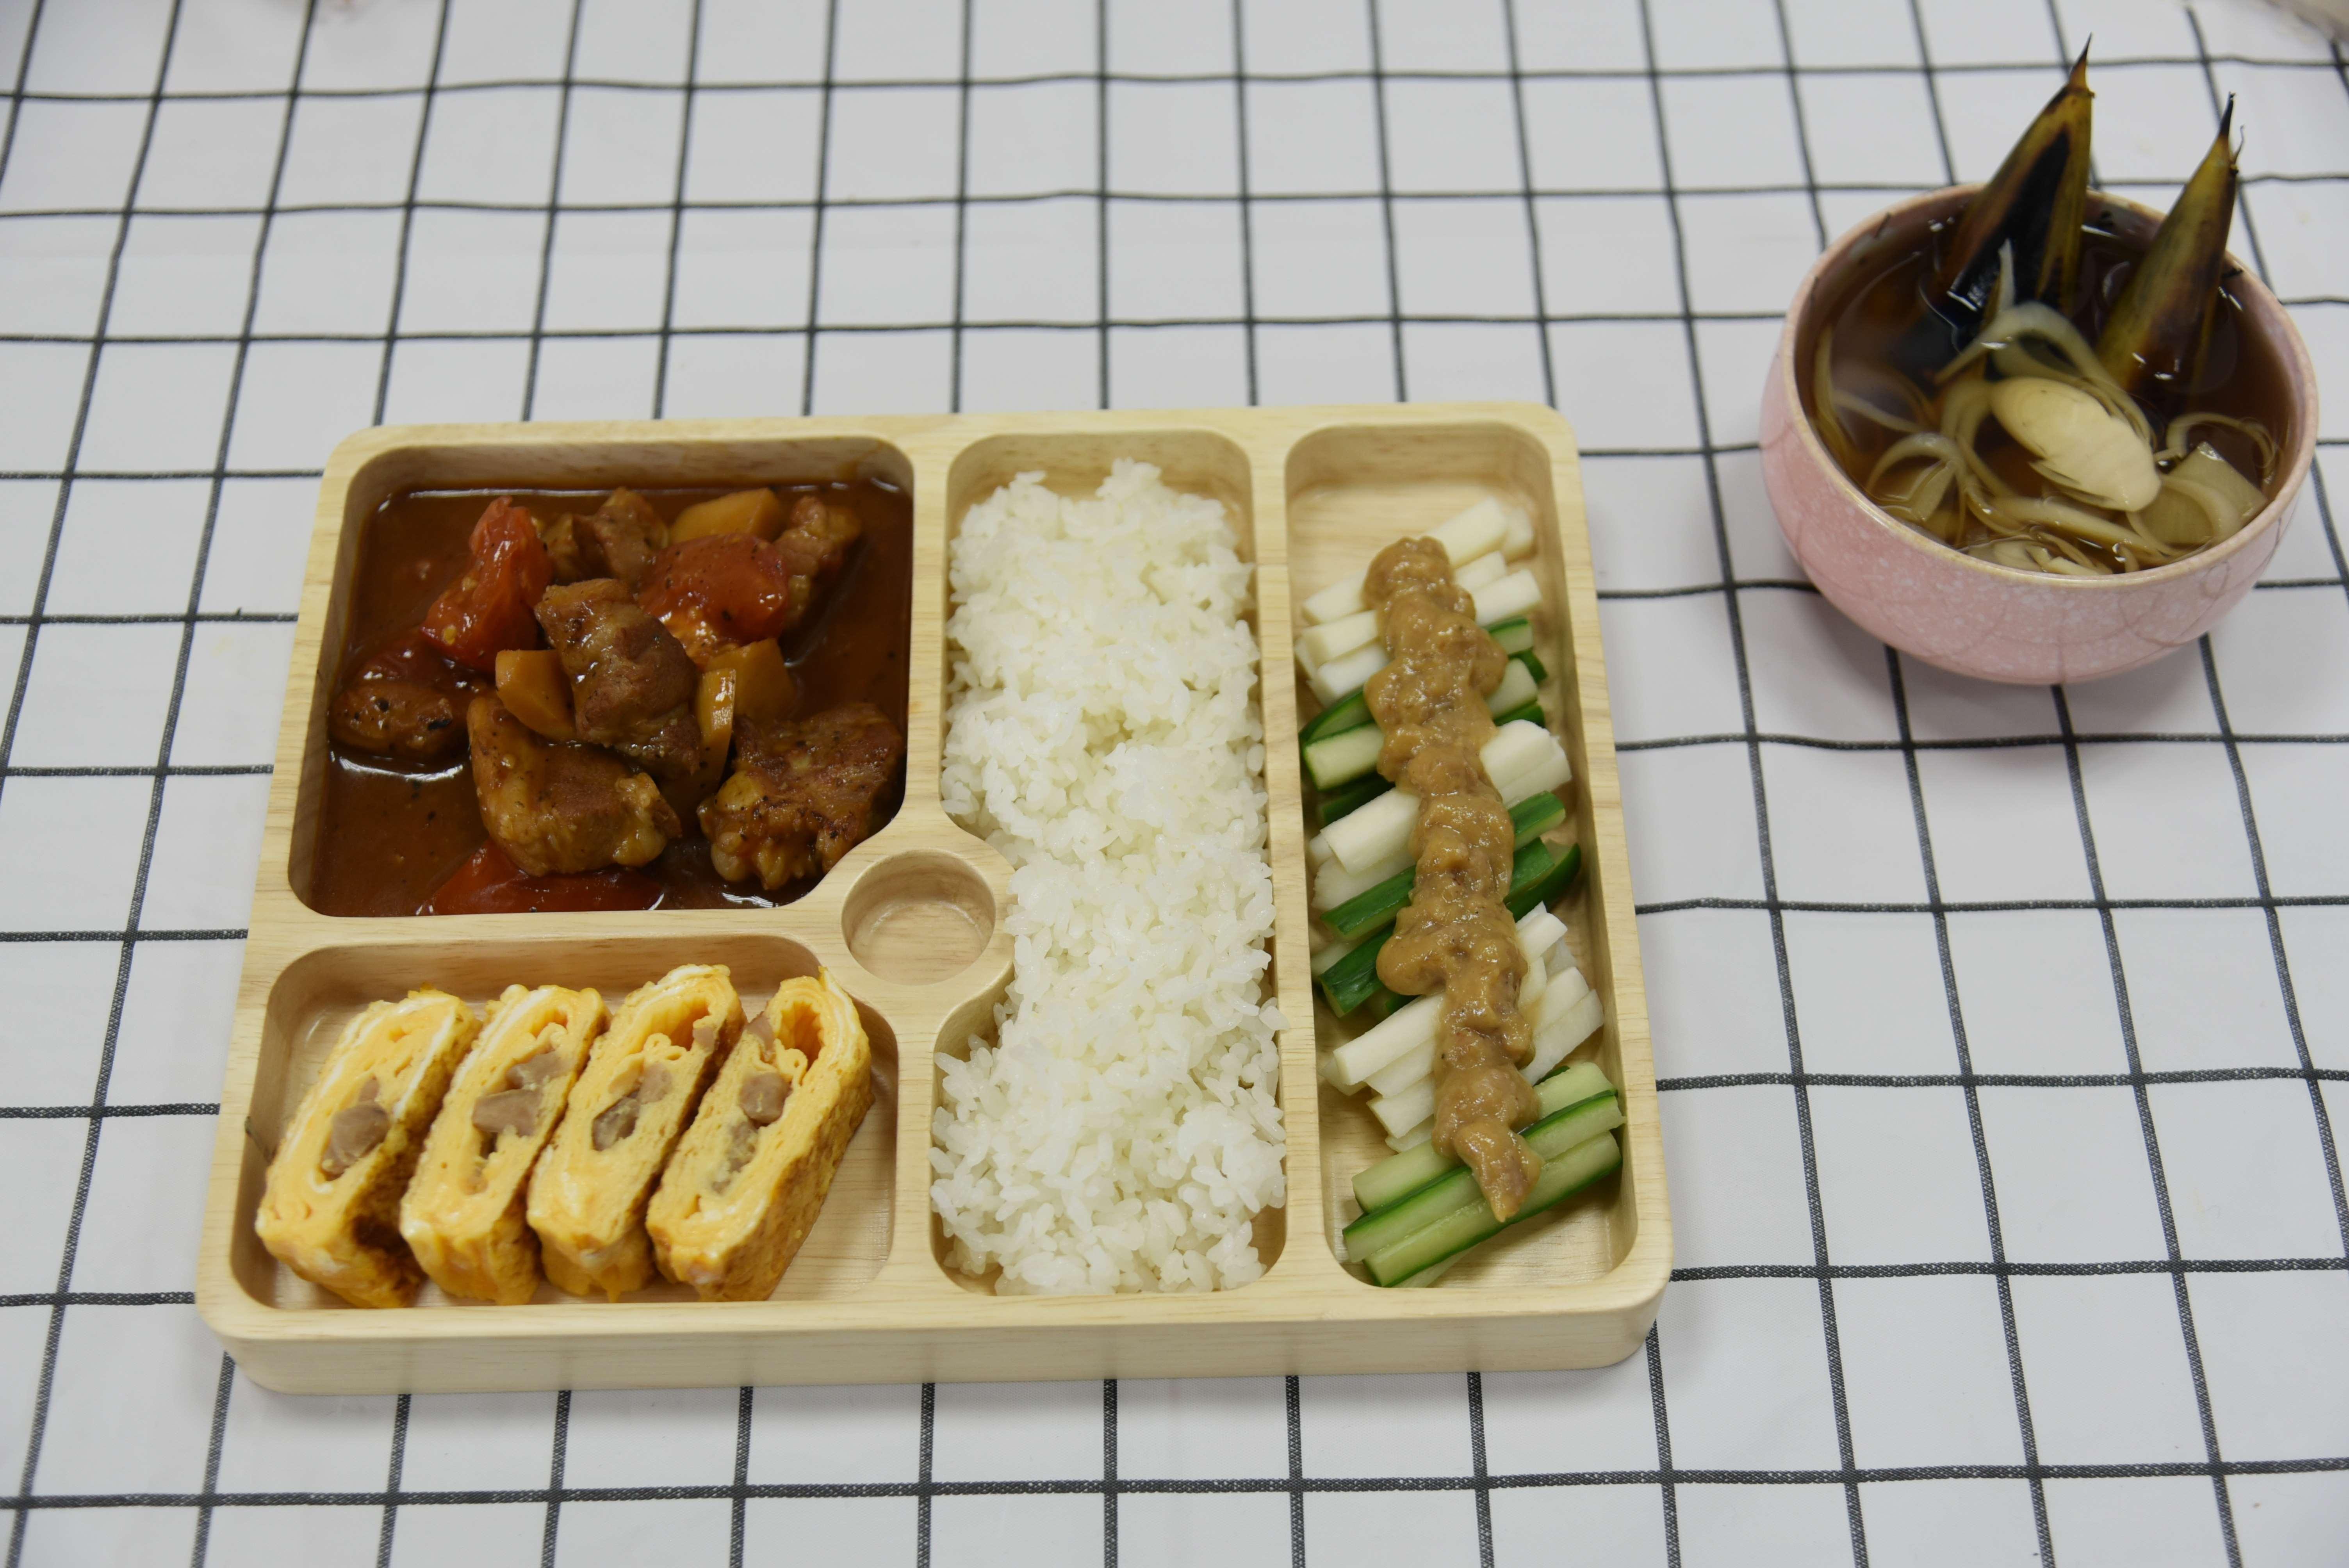 斗南食物日營養午餐選用雲林優質農漁畜產品,由生態廚師留安昇設計